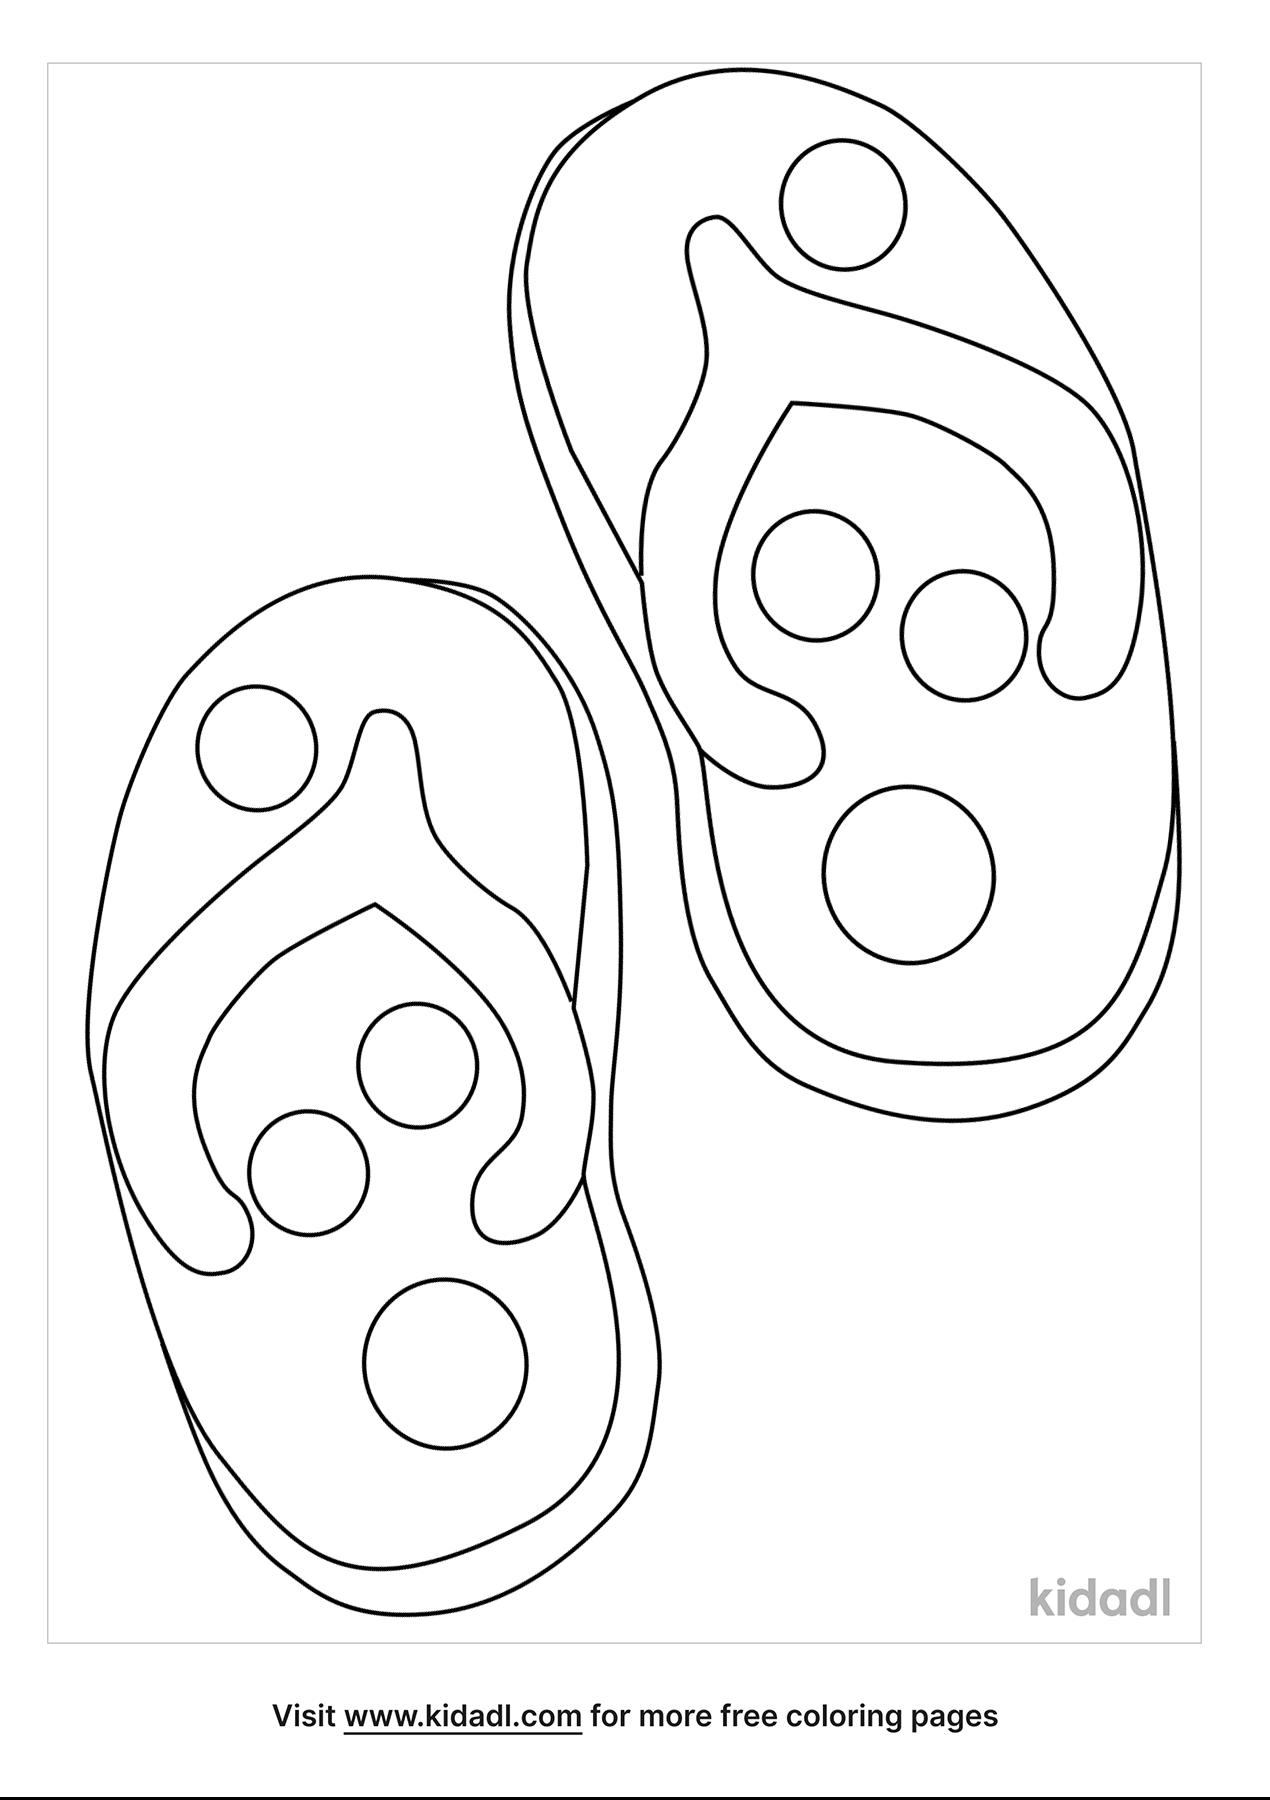 Hình tô màu đôi dép dễ thương